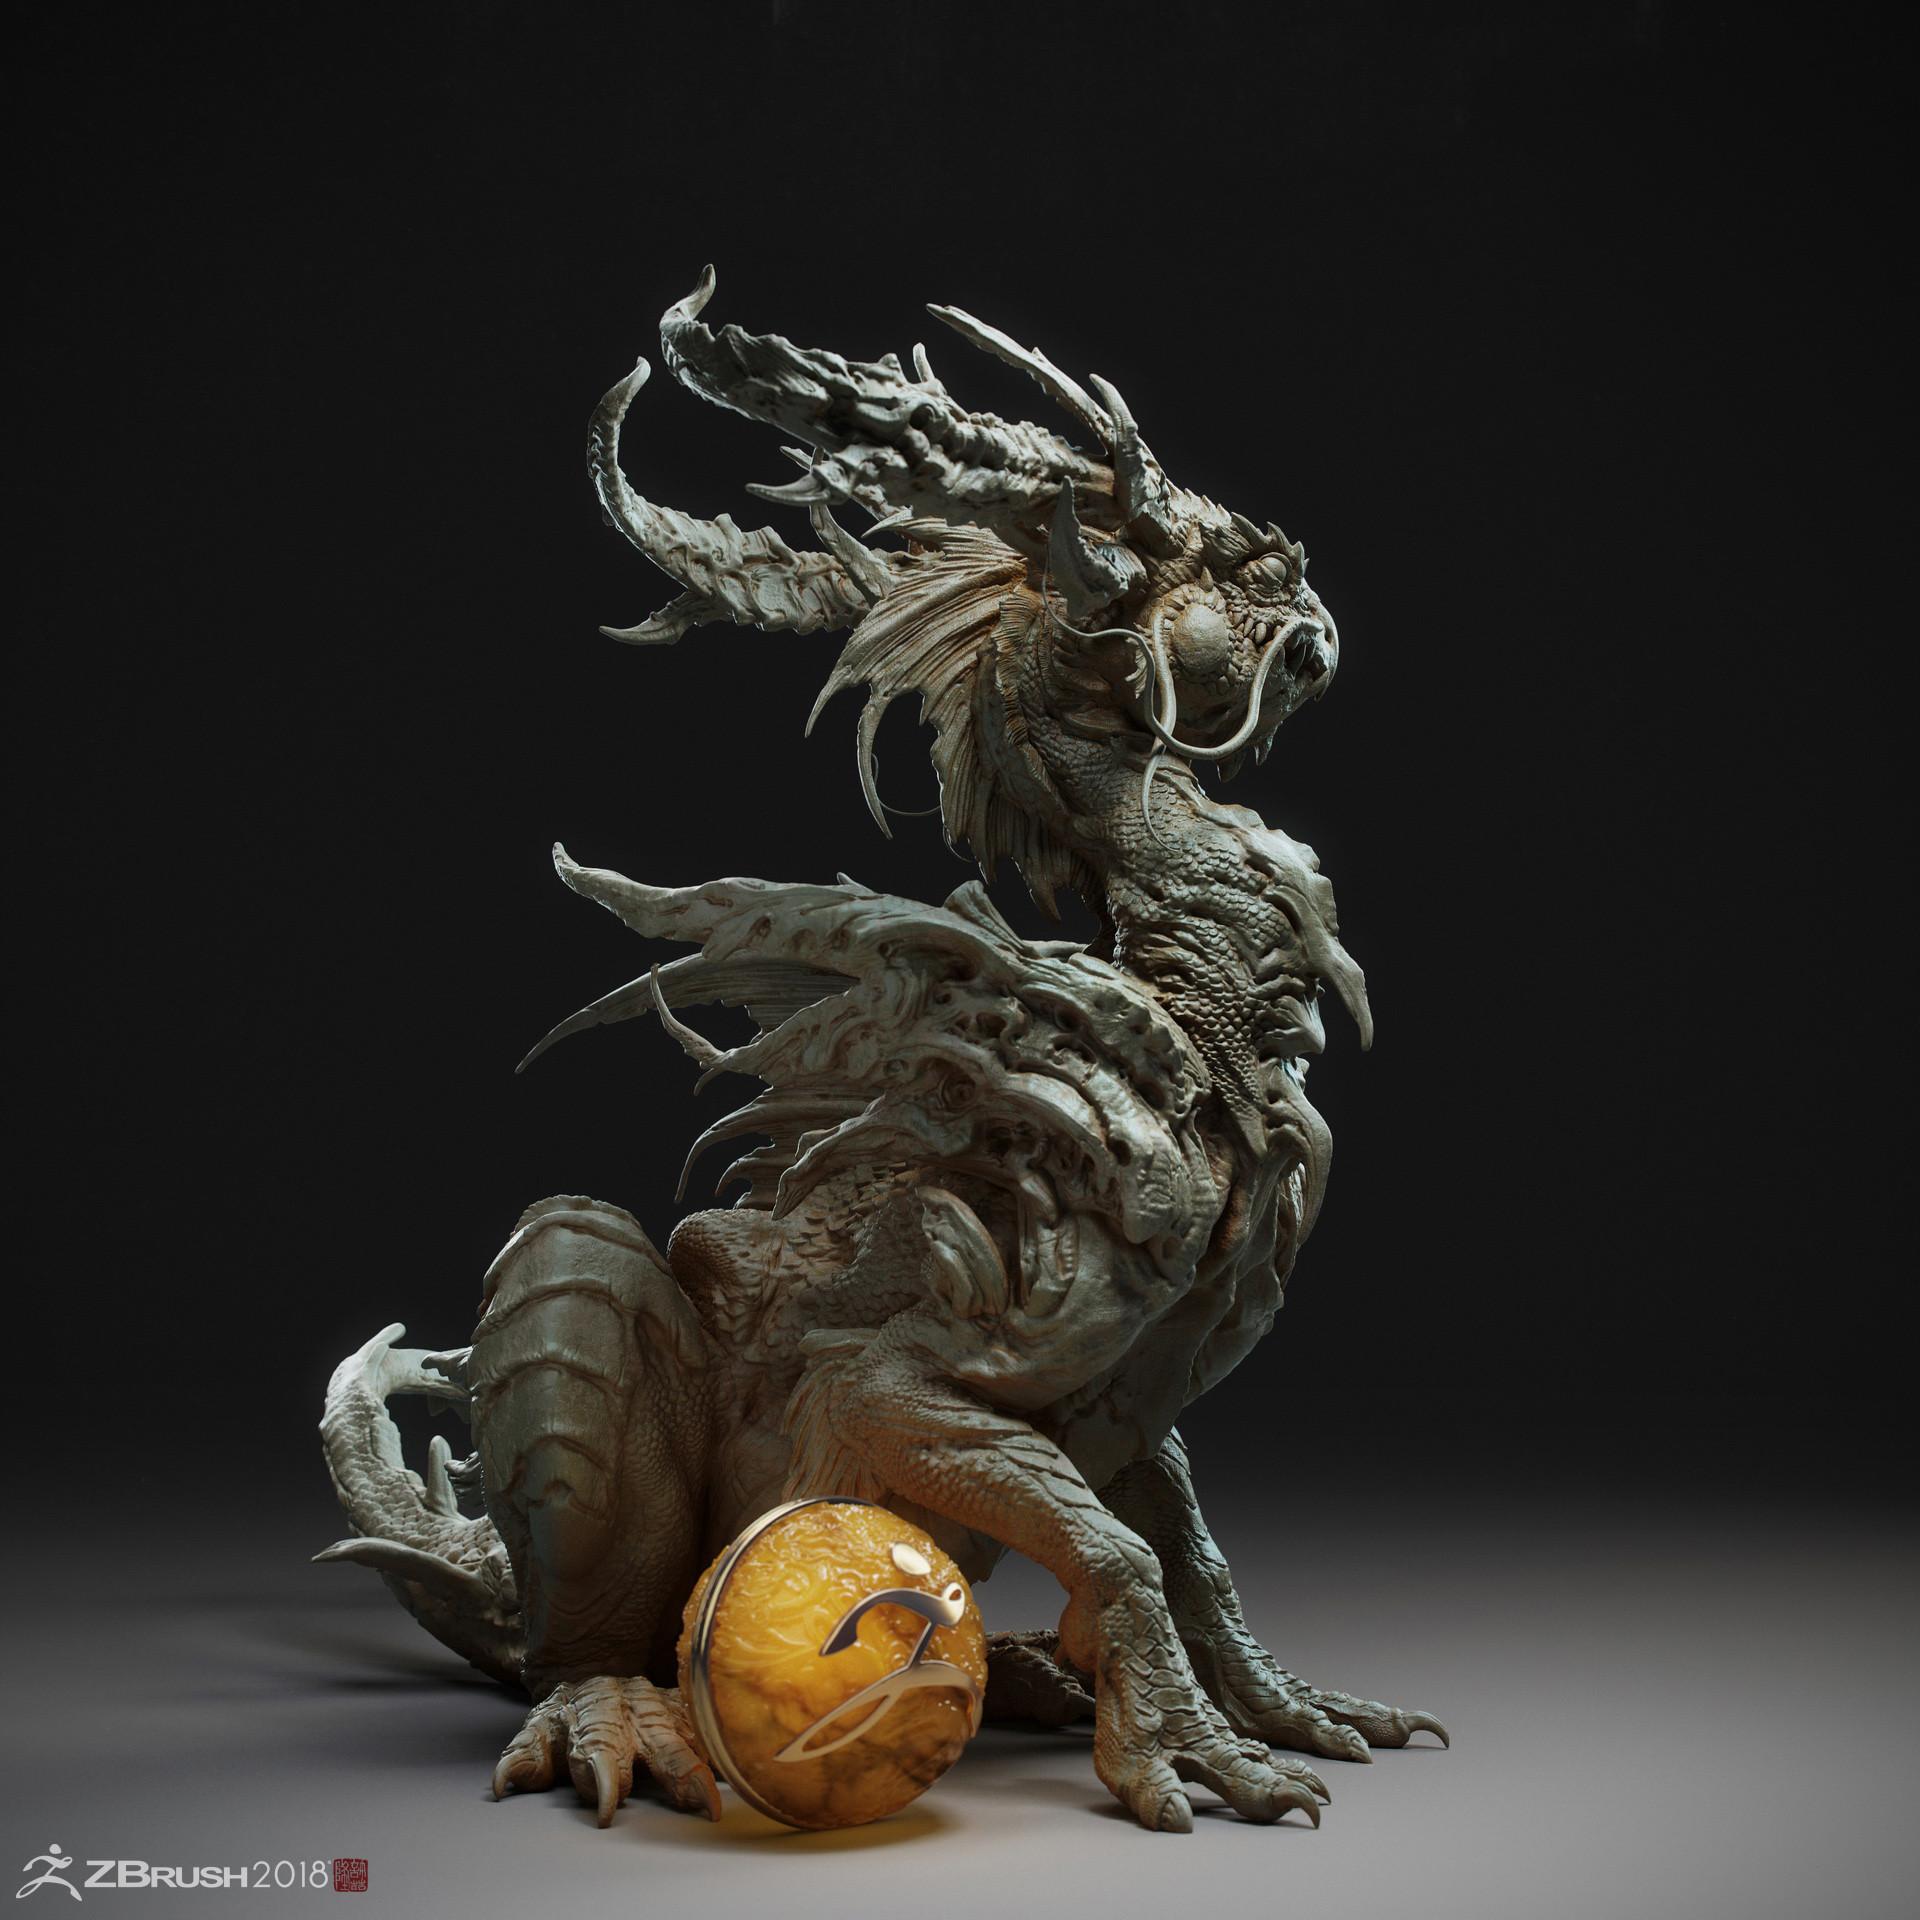 Zhelong xu the dragon ball004